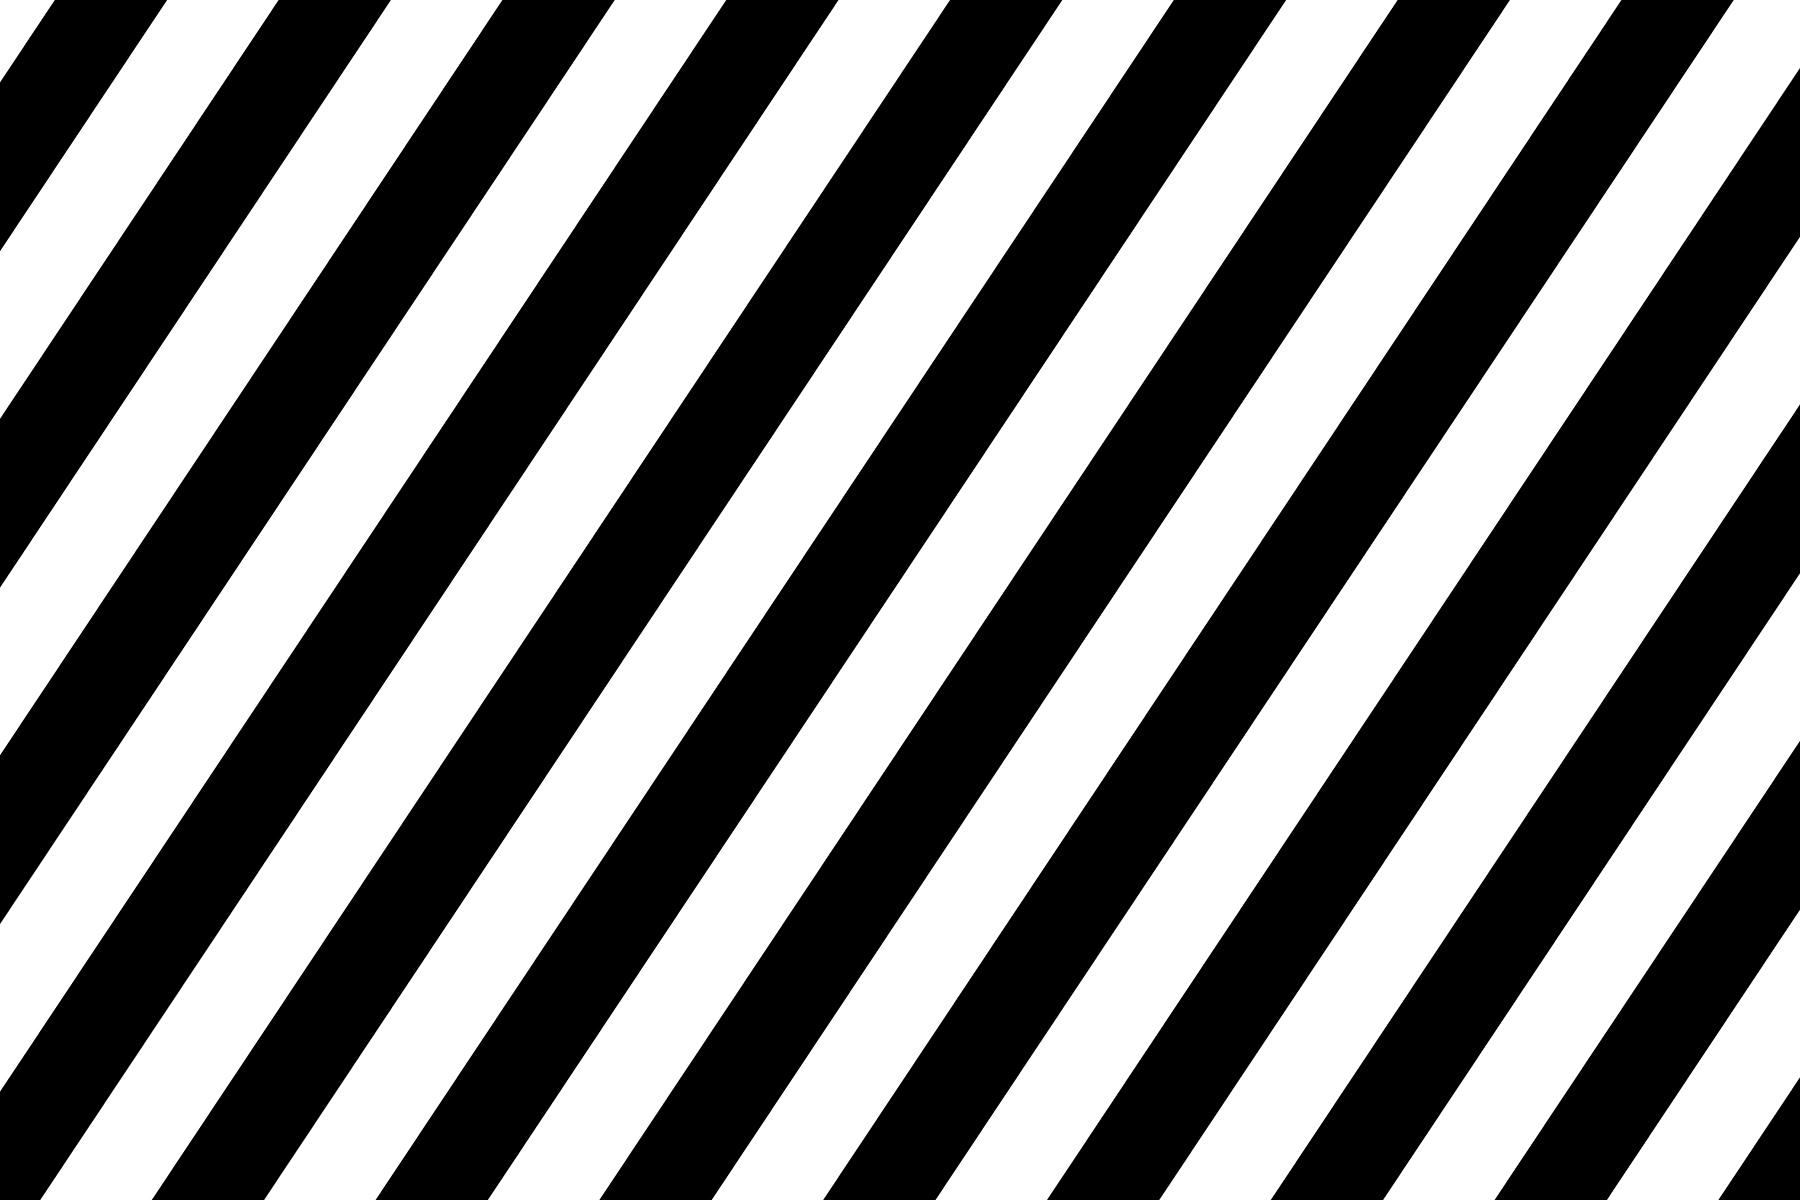 Diagonal Stripe-01.jpg